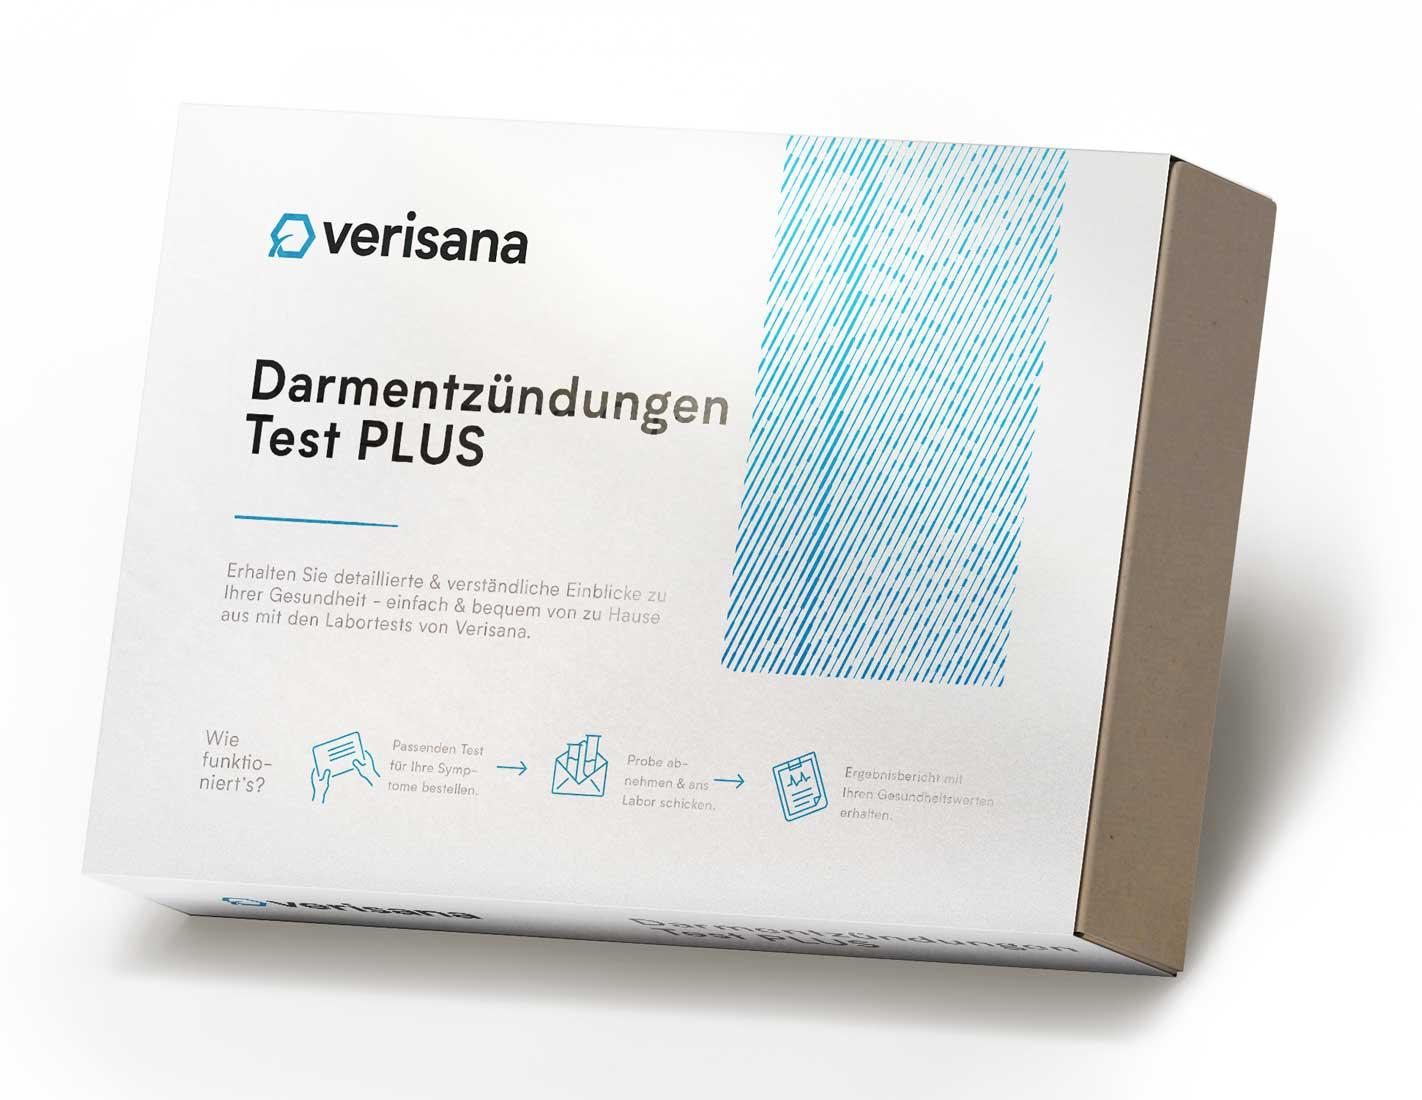 Darmentzündungsprofil, Stuhltest auf vier Parameter